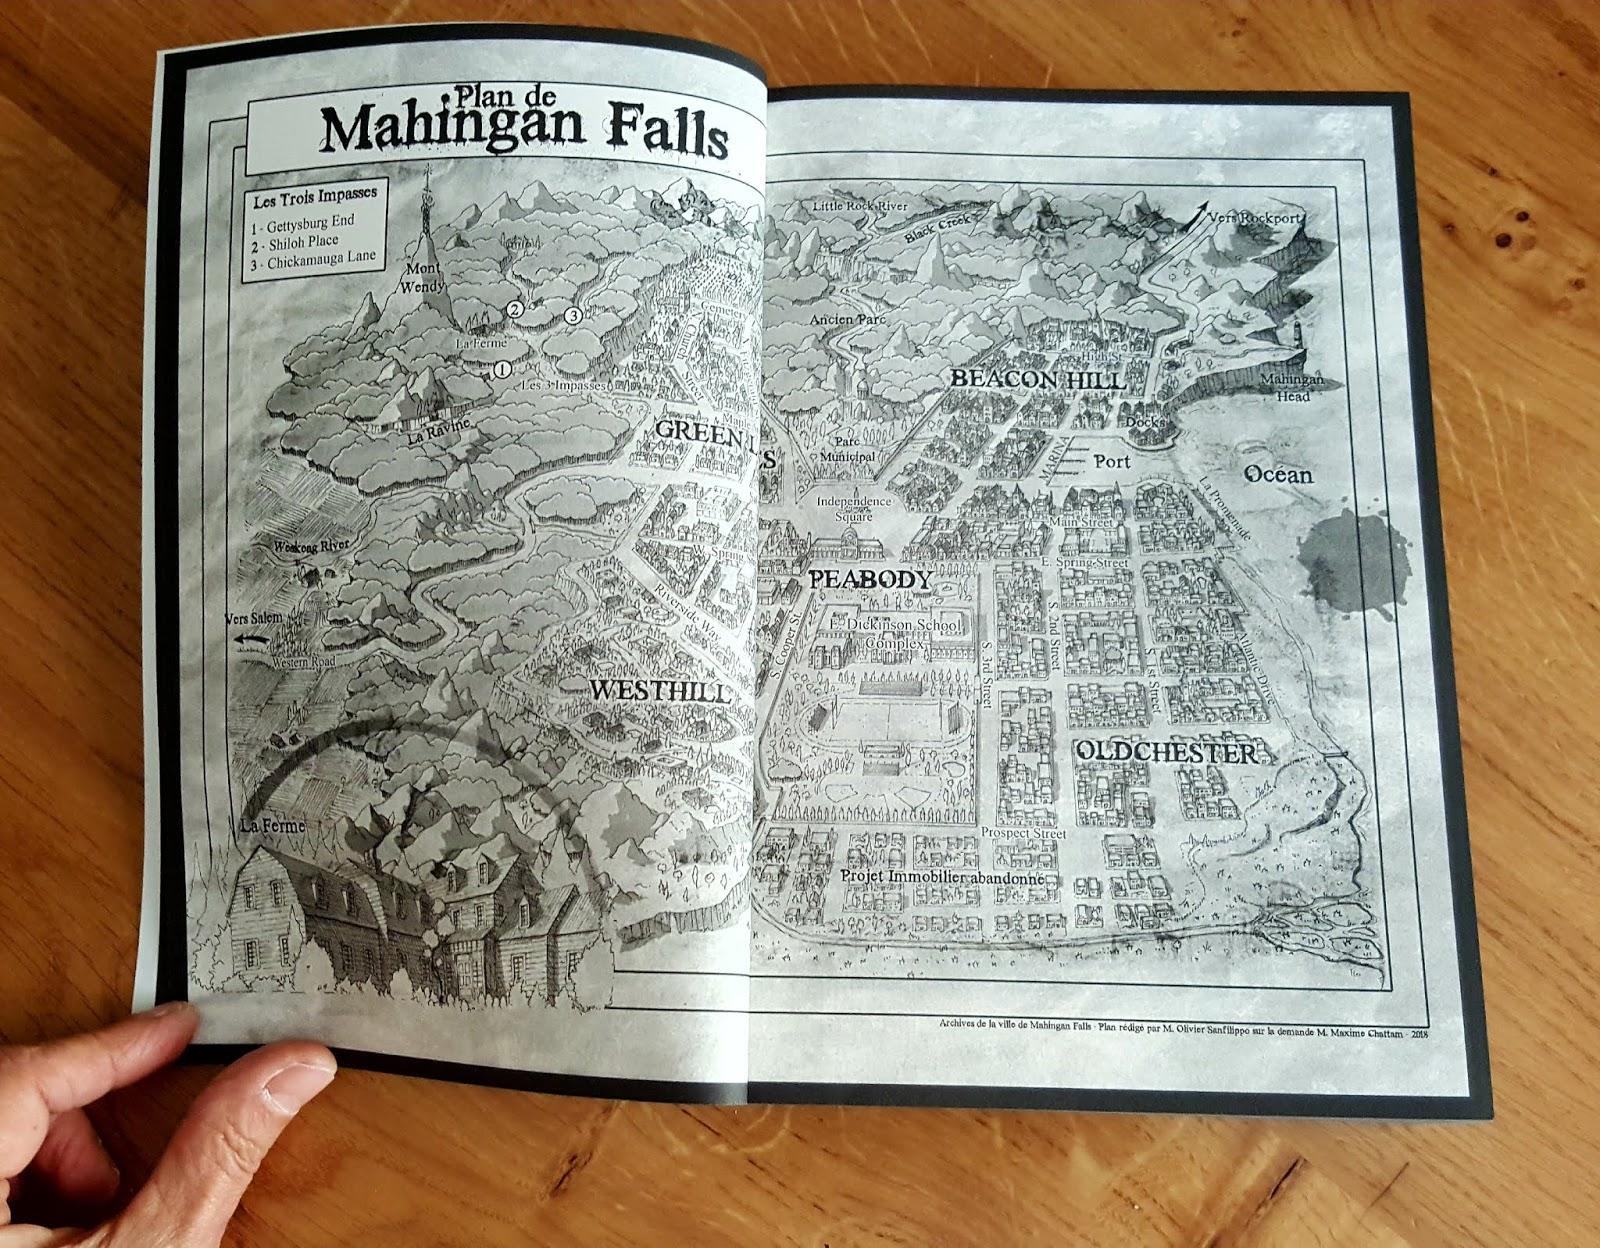 Le roman Le Signal ouvert sur la page du plan de la ville de Mahingan Falls.